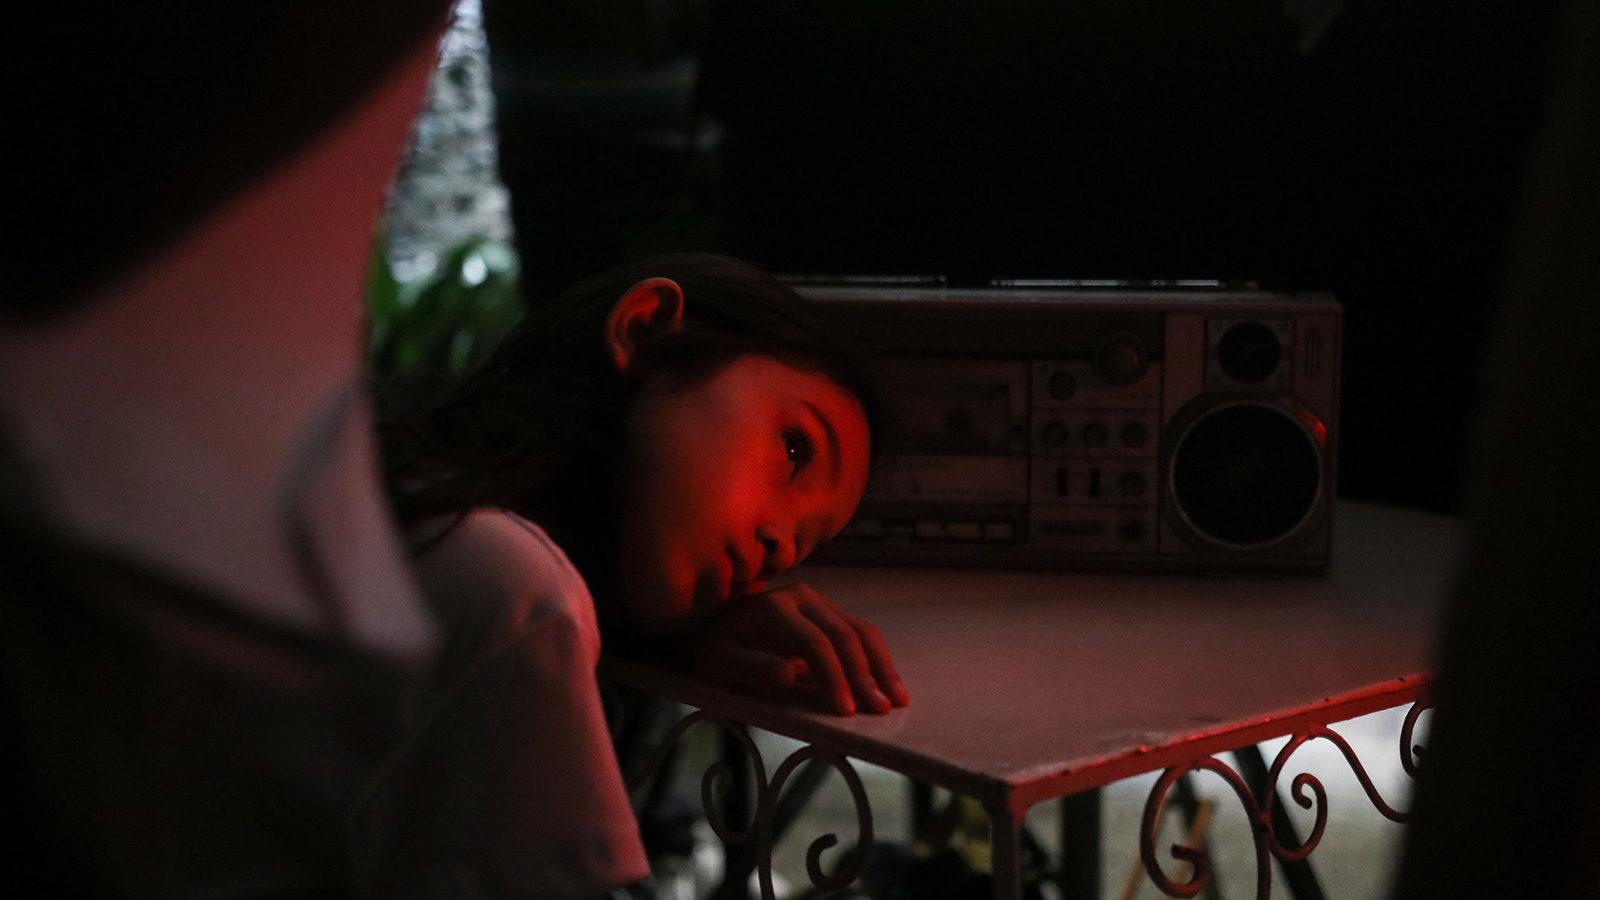 """[CINEMA] """"Ansiosa Tradução"""" e """"O Visto e o Não Visto"""": fábulas sobre a ausência pelo olhar das crianças"""